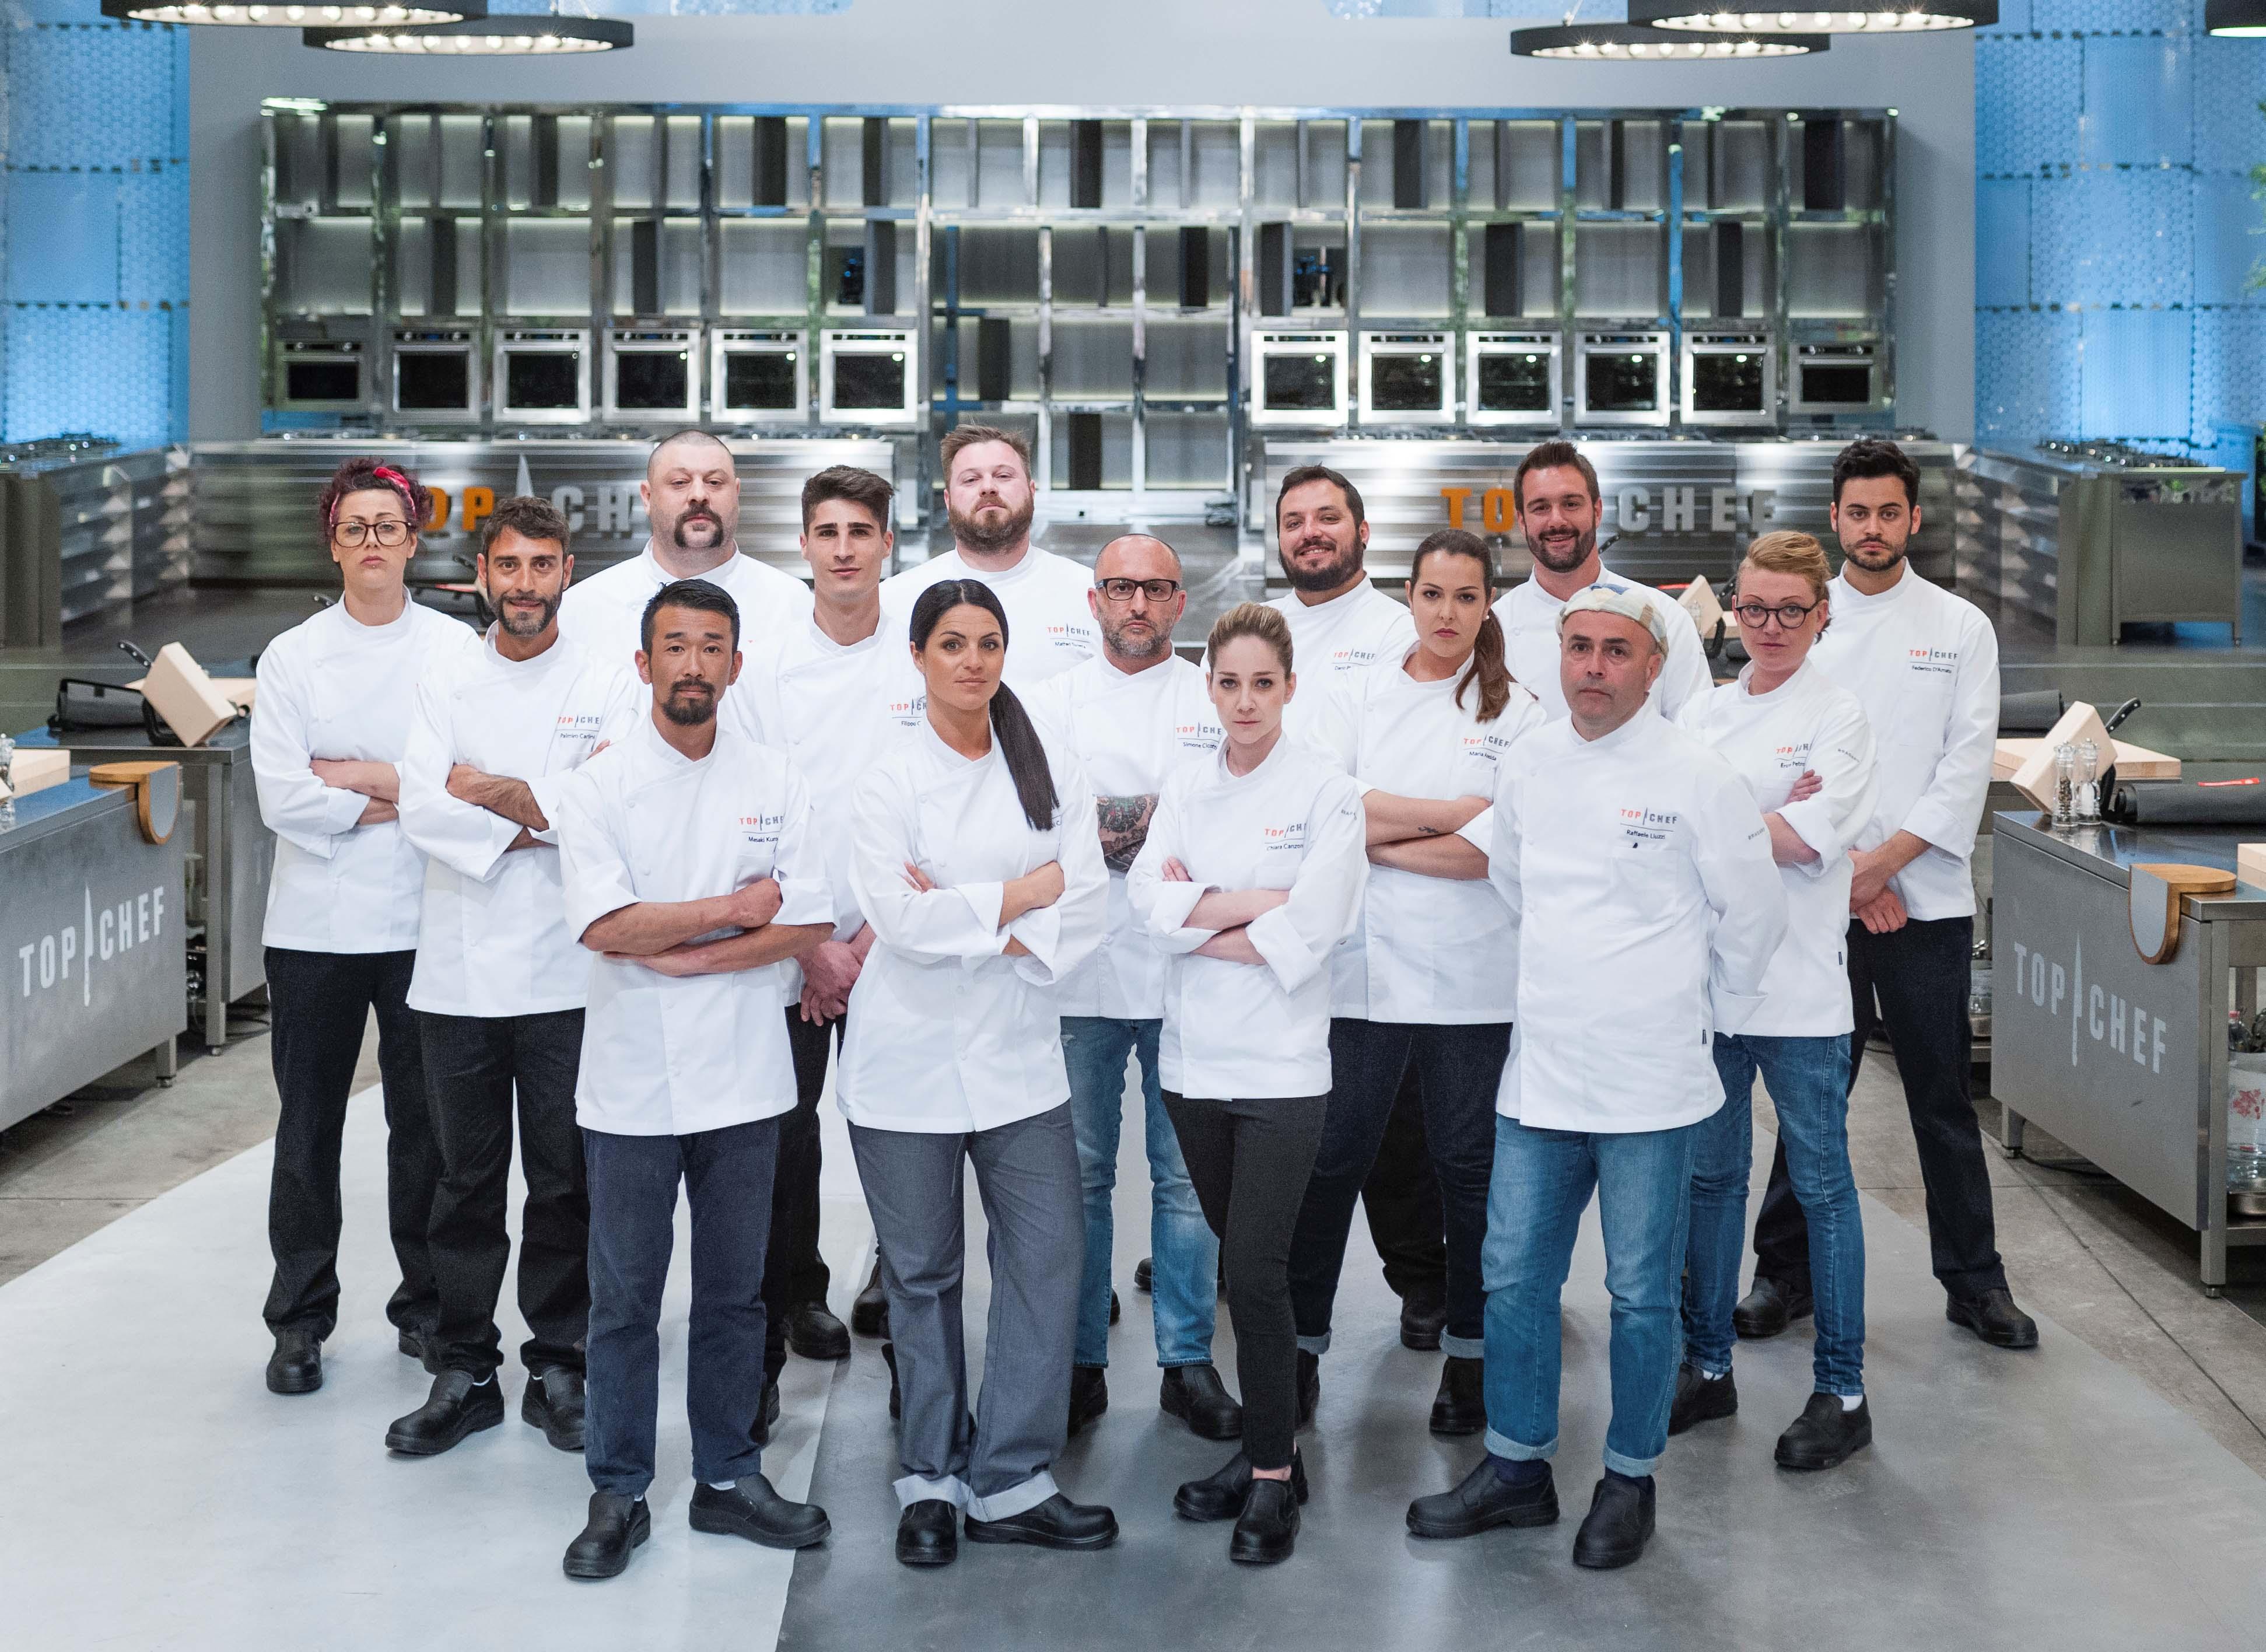 Top Chef Italia, su Nove dal 14 settembre 2016: svelati i concorrenti